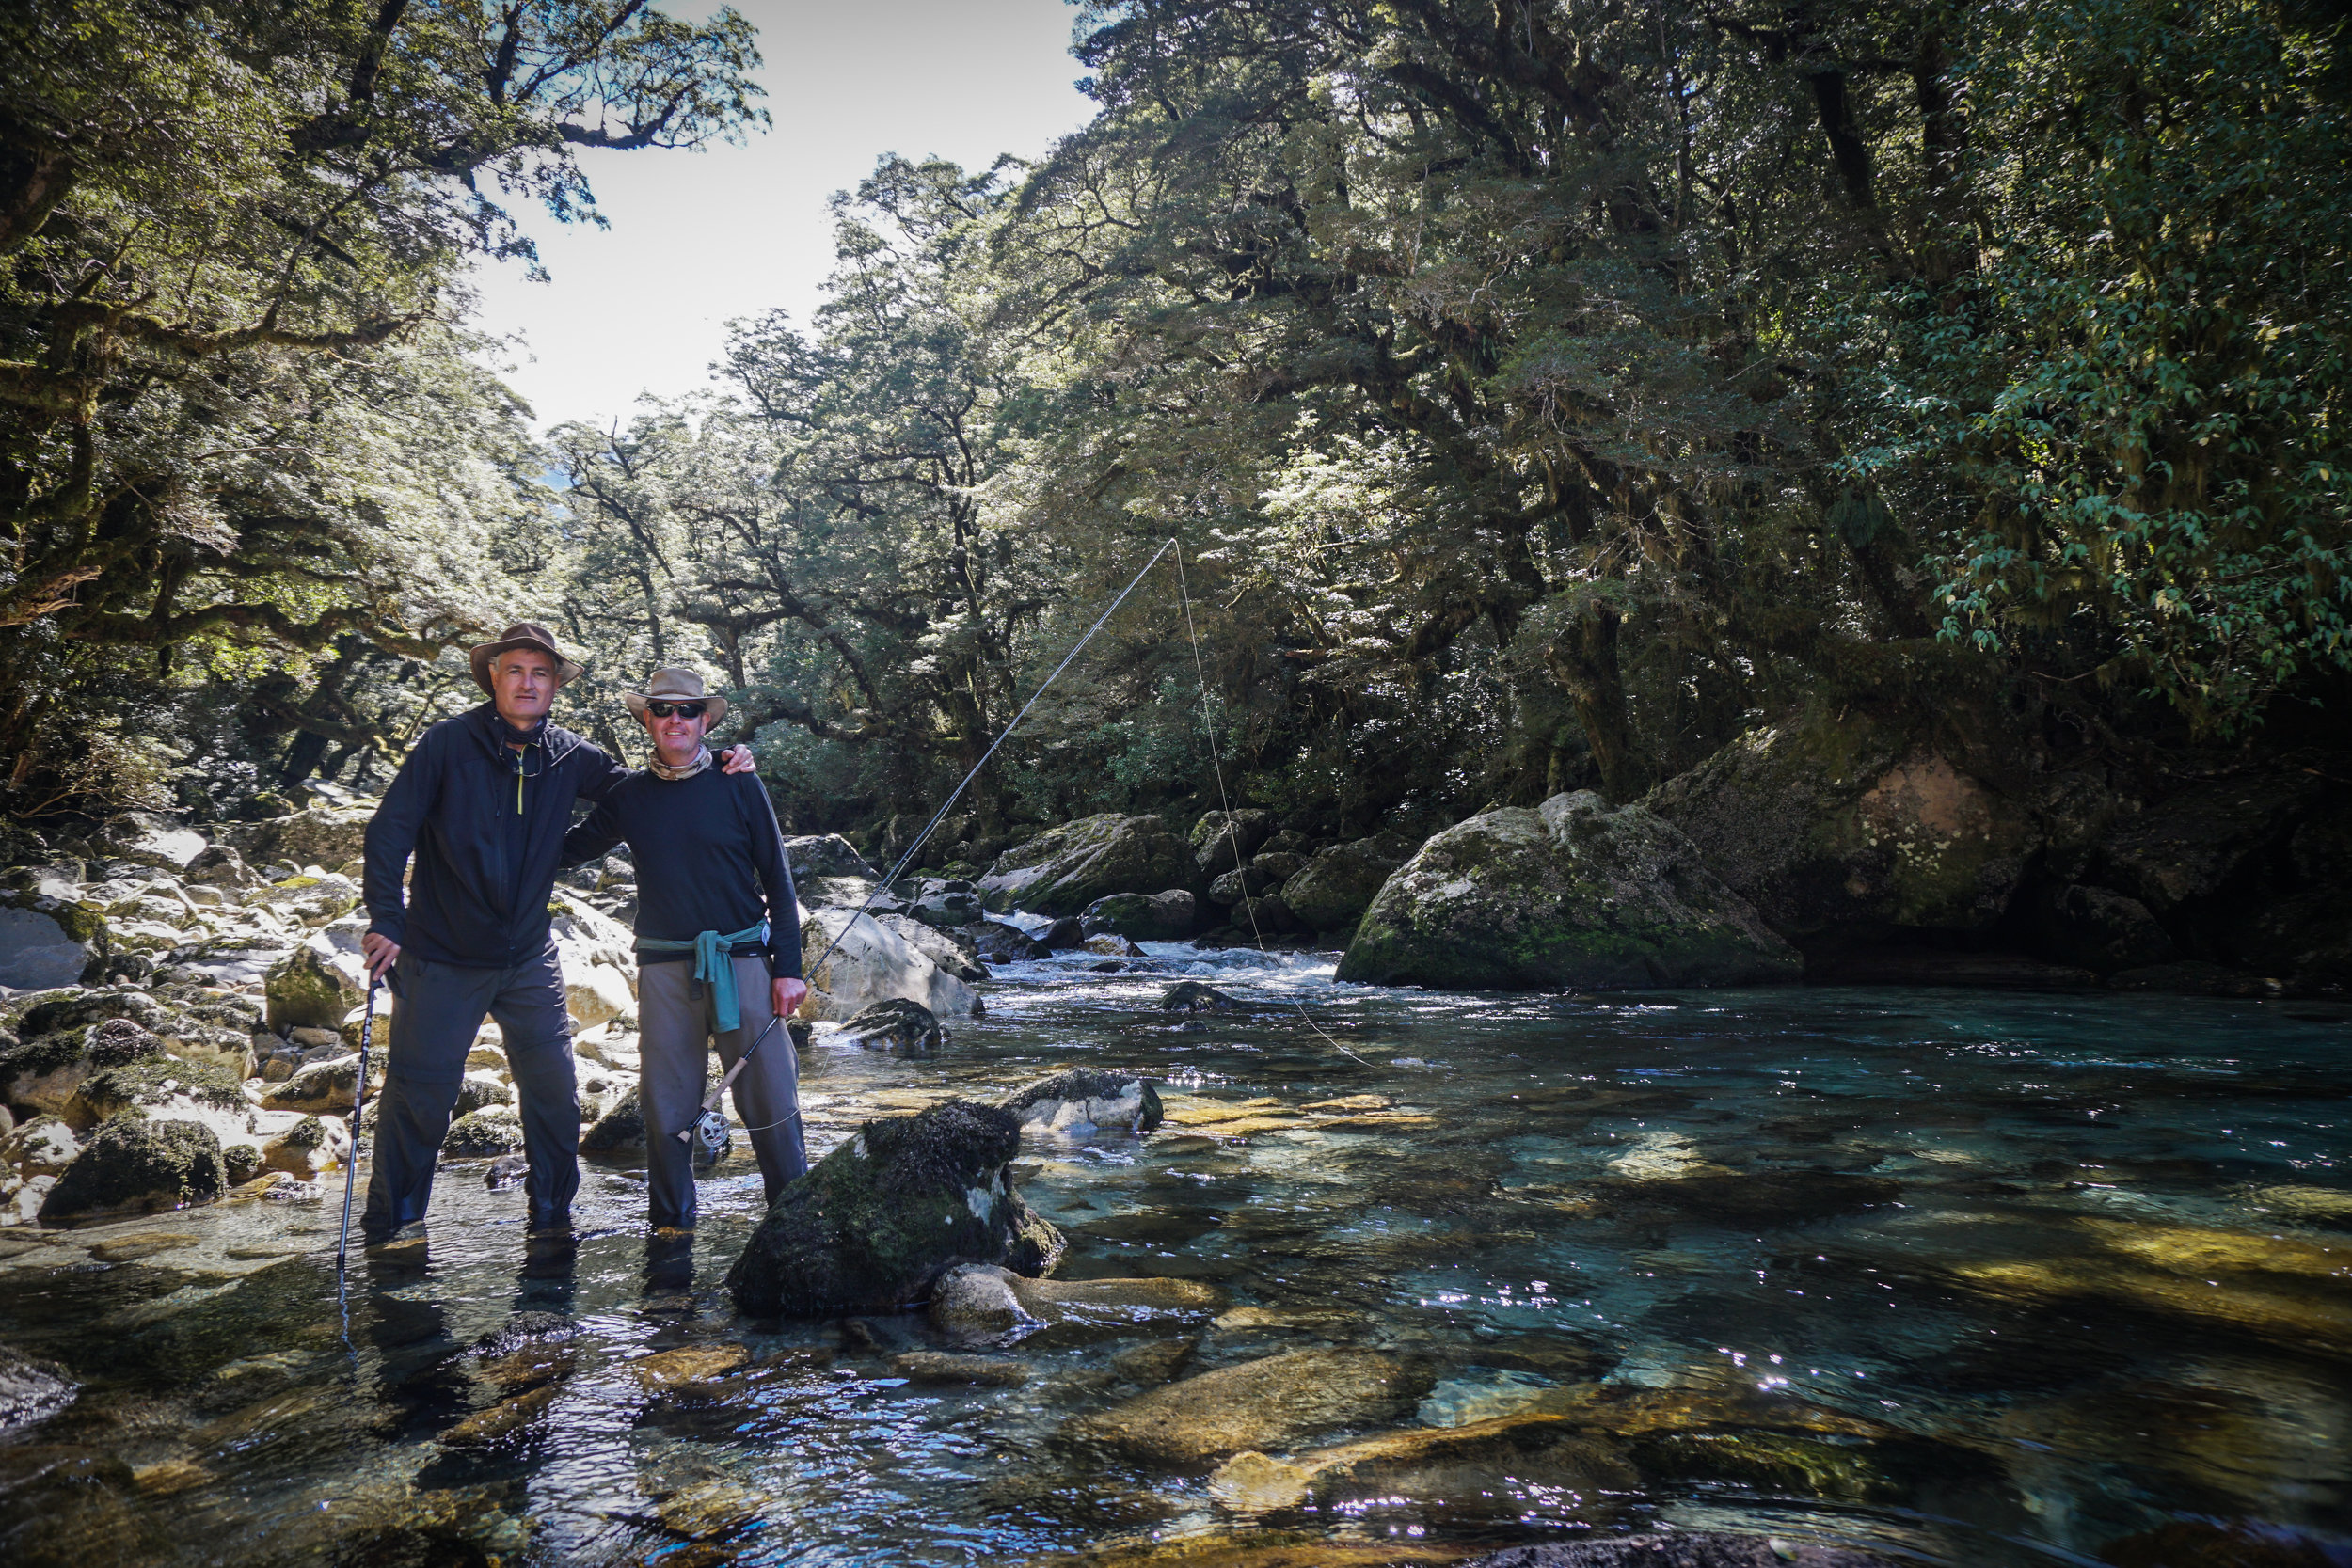 Best friends go fly fishing in New Zealand